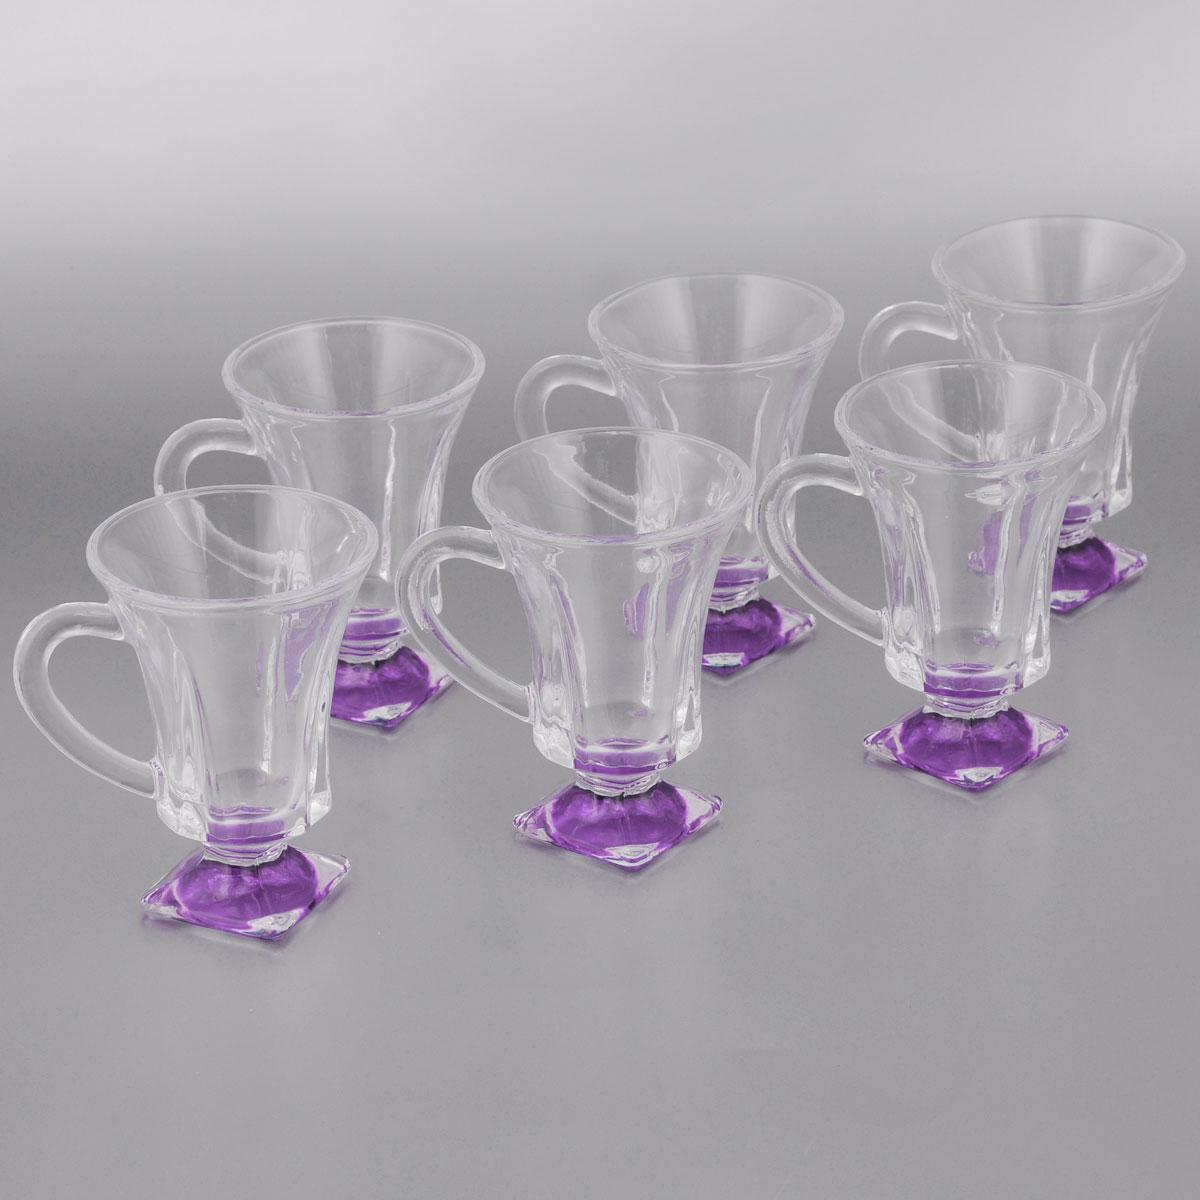 Набор стаканов для глинтвейна Loraine, цвет: прозрачный, сиреневый, 150 мл, 6 шт20220Набор Loraine состоит из шести стаканов, выполненных из прочного стекла. Предметы набора имеют цветную ножку и декорированы рельефом. Они излучают приятный блеск и издают мелодичный звон. Для удобства изделия оснащены изящной ручкой.Набор Loraine прекрасно оформит интерьер кабинета или гостиной и станет отличным дополнением бара. Такой набор также станет хорошим подарком к любому случаю. Диаметр стакана (по верхнему краю): 8 см.Высота стакана: 11 см.